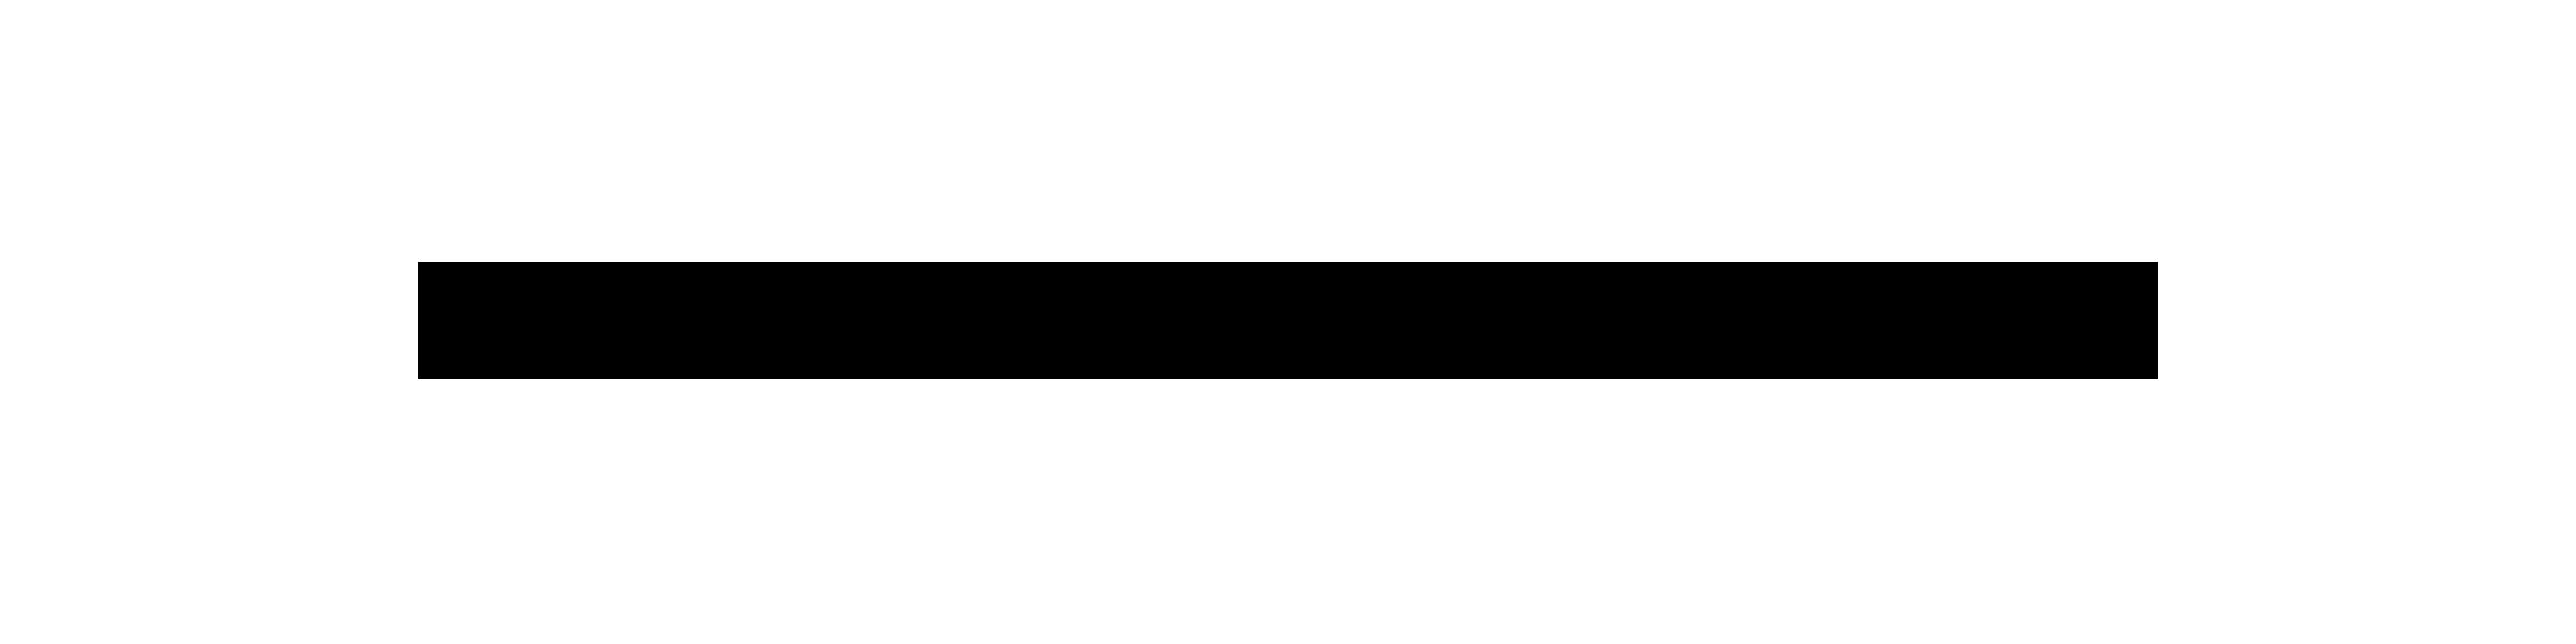 Bolgiano